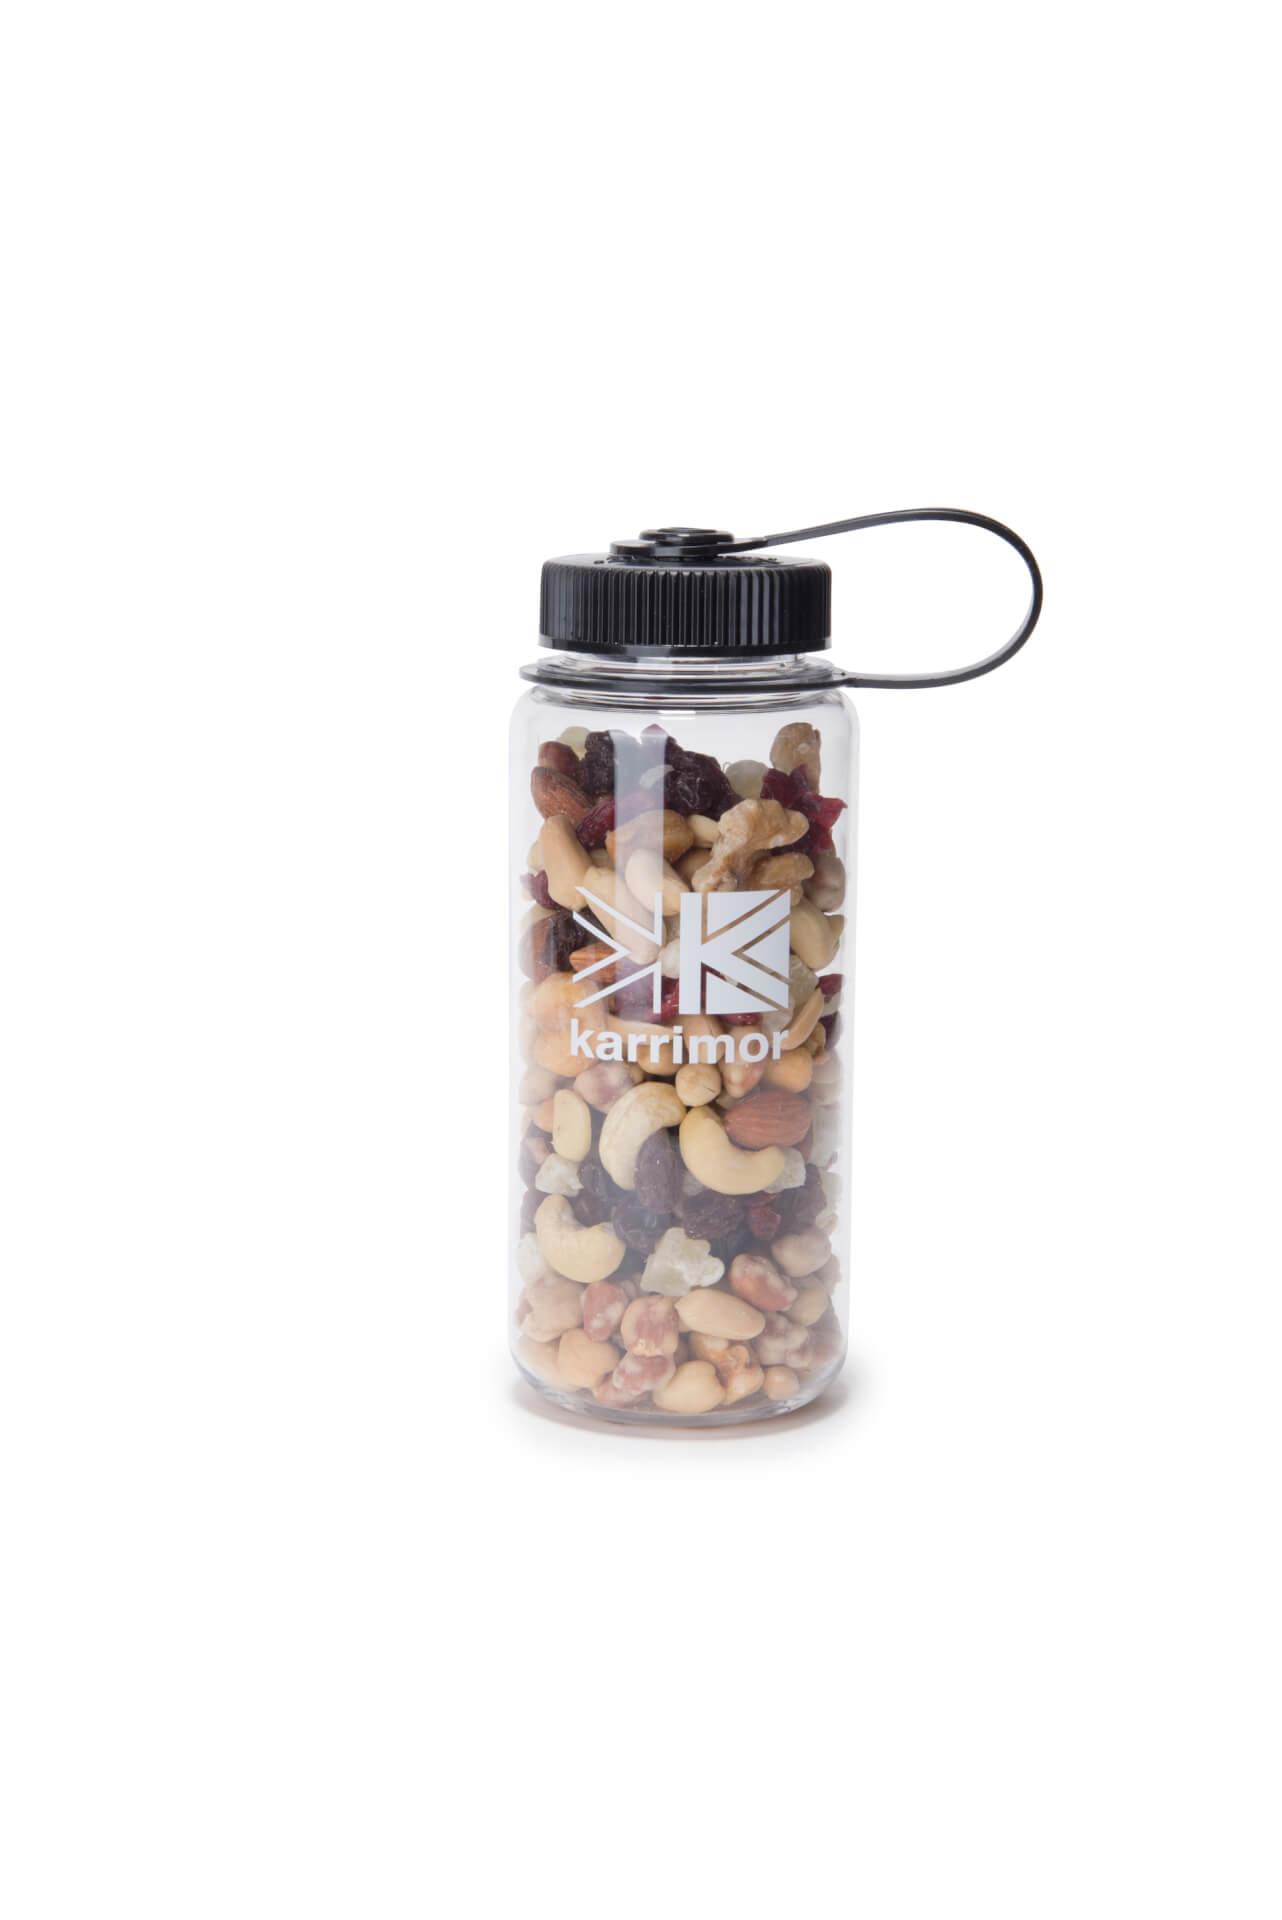 カリマーが無料給水サービスにも利用できるボトルを発売!Nalgenとのコラボアイテム life210601_karrimor_bottle_9